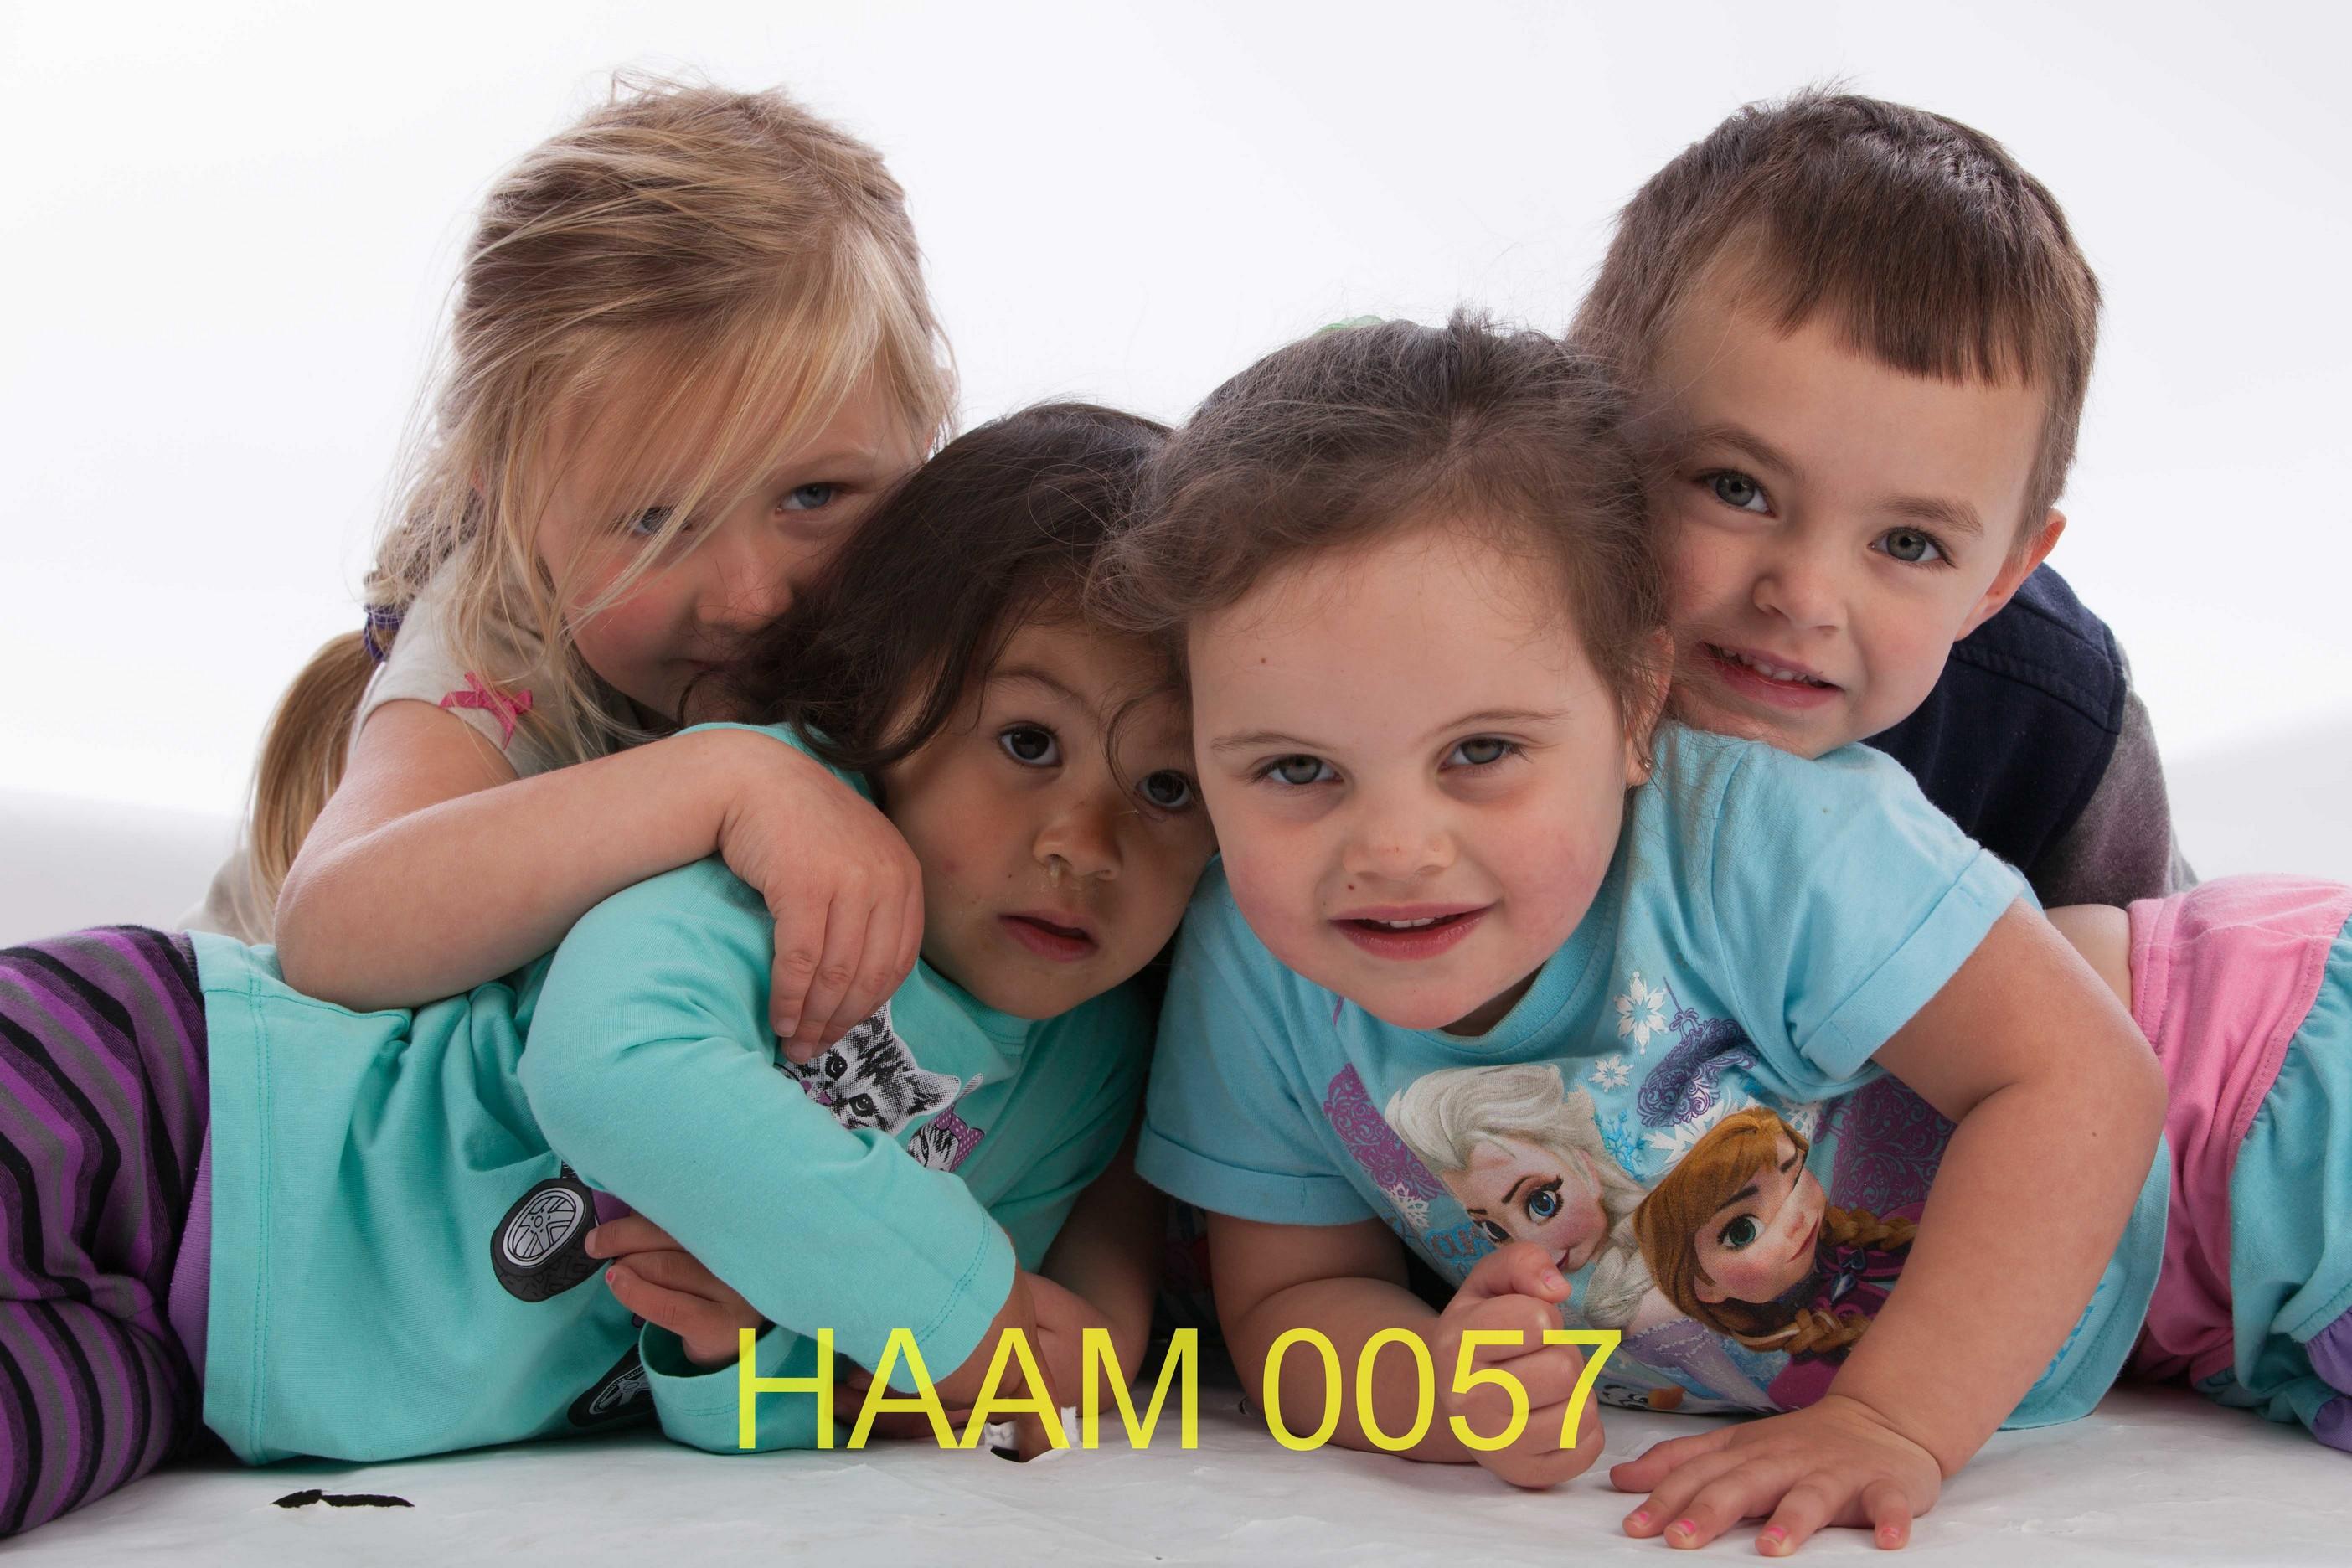 HAAM 0057